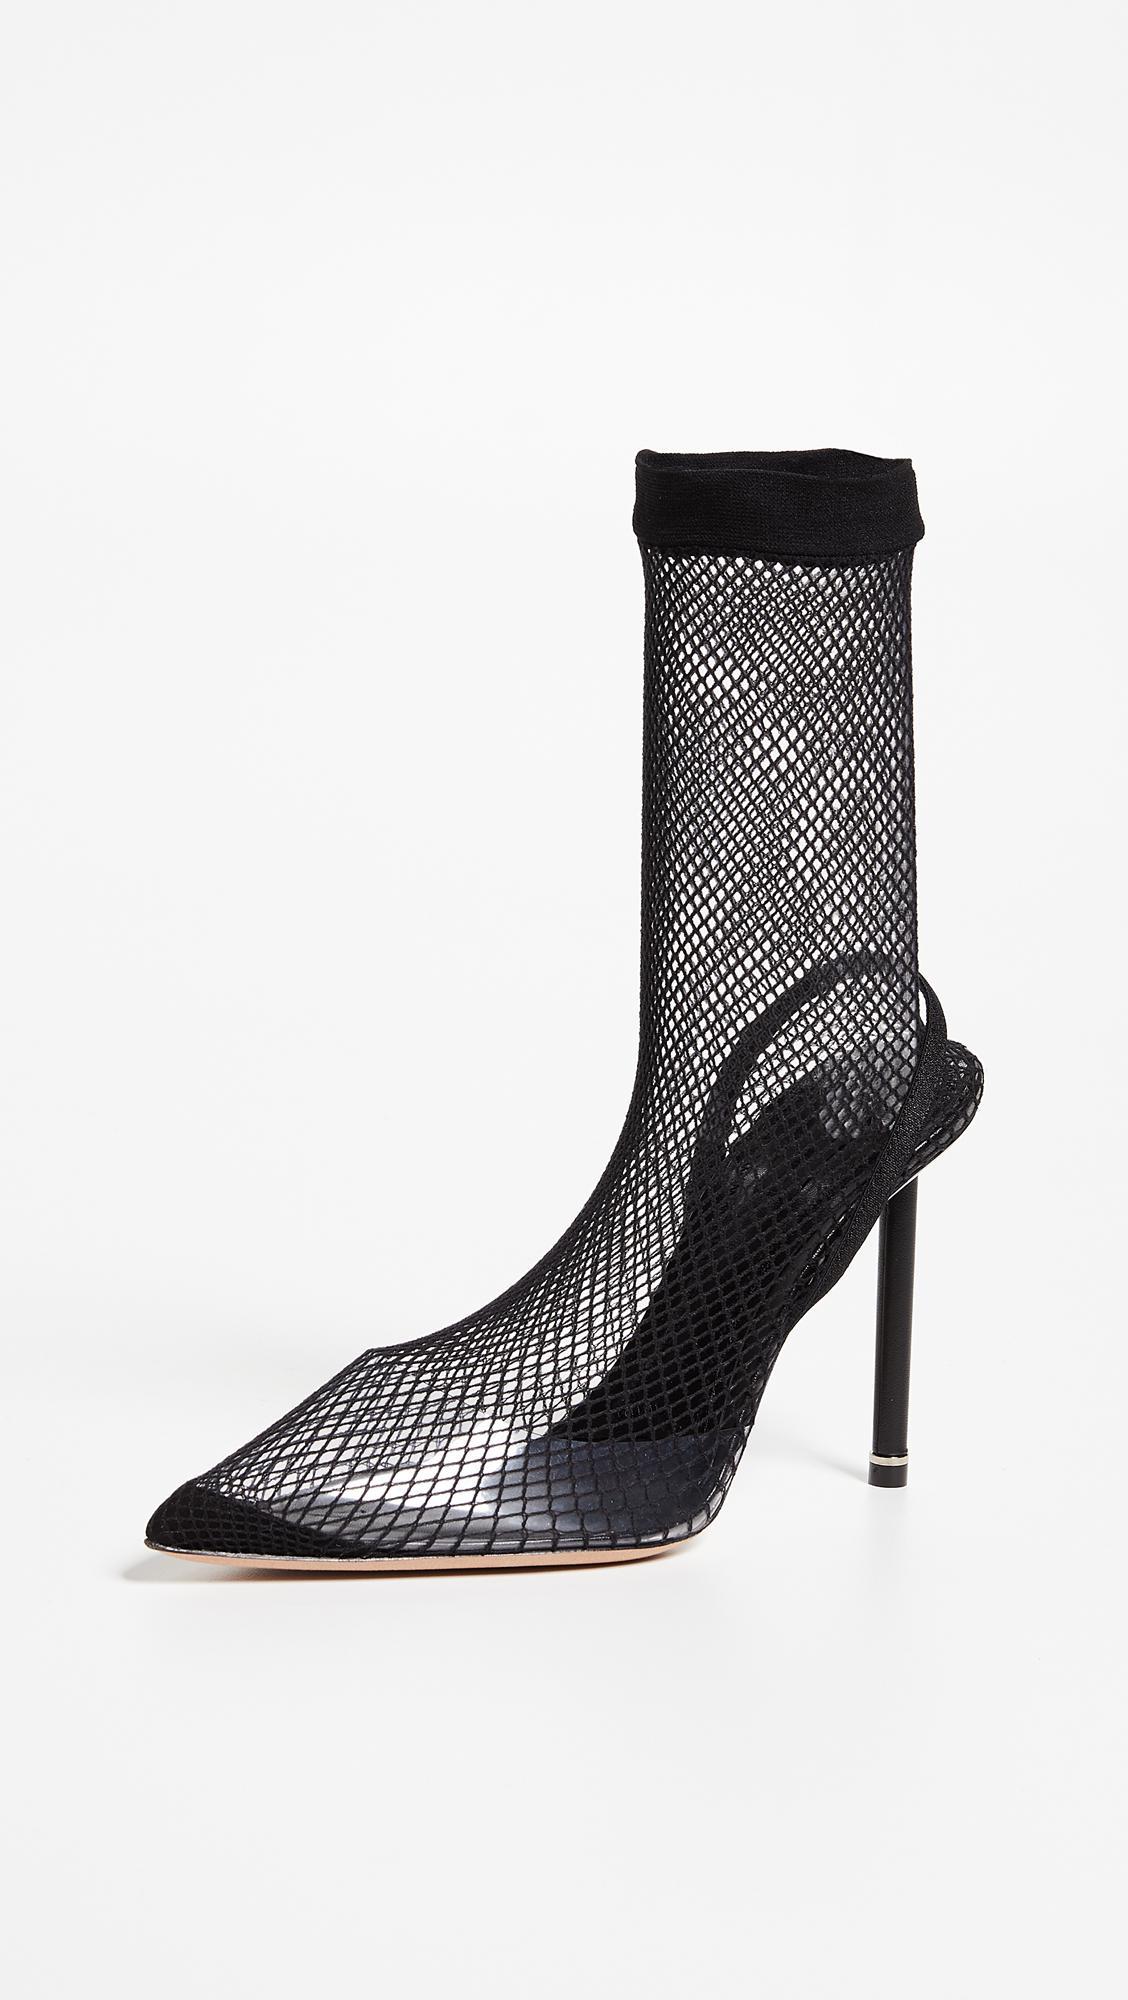 Alexander Wang Leather Caden High Heel Booties in Black